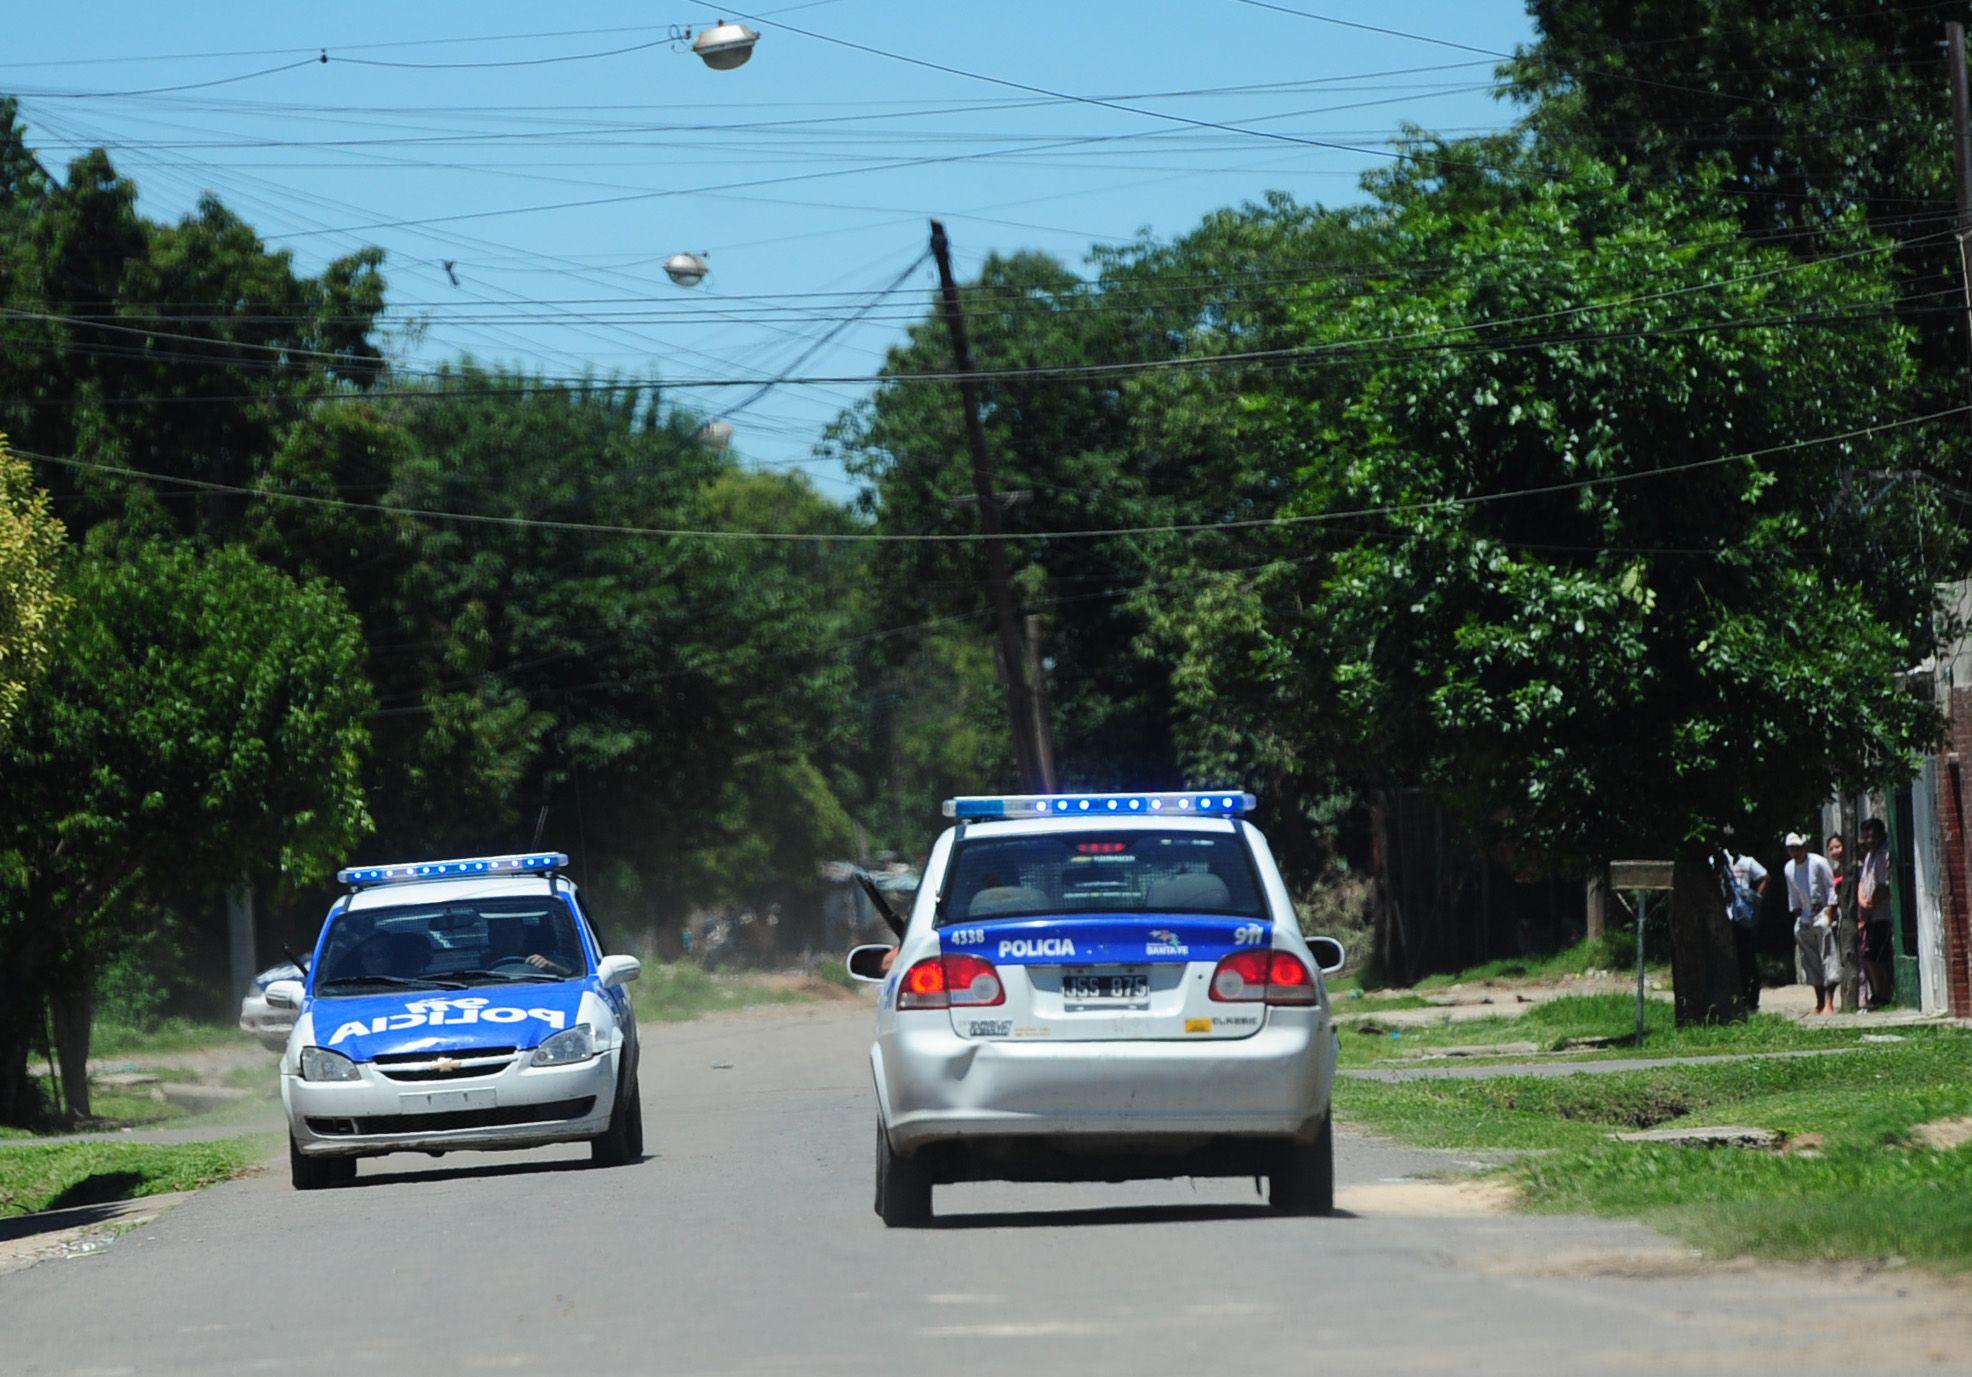 Lentamente la situación en Rosario y Villa Gobernador Gálvez parece retornar a la normalidad. (Foto: E